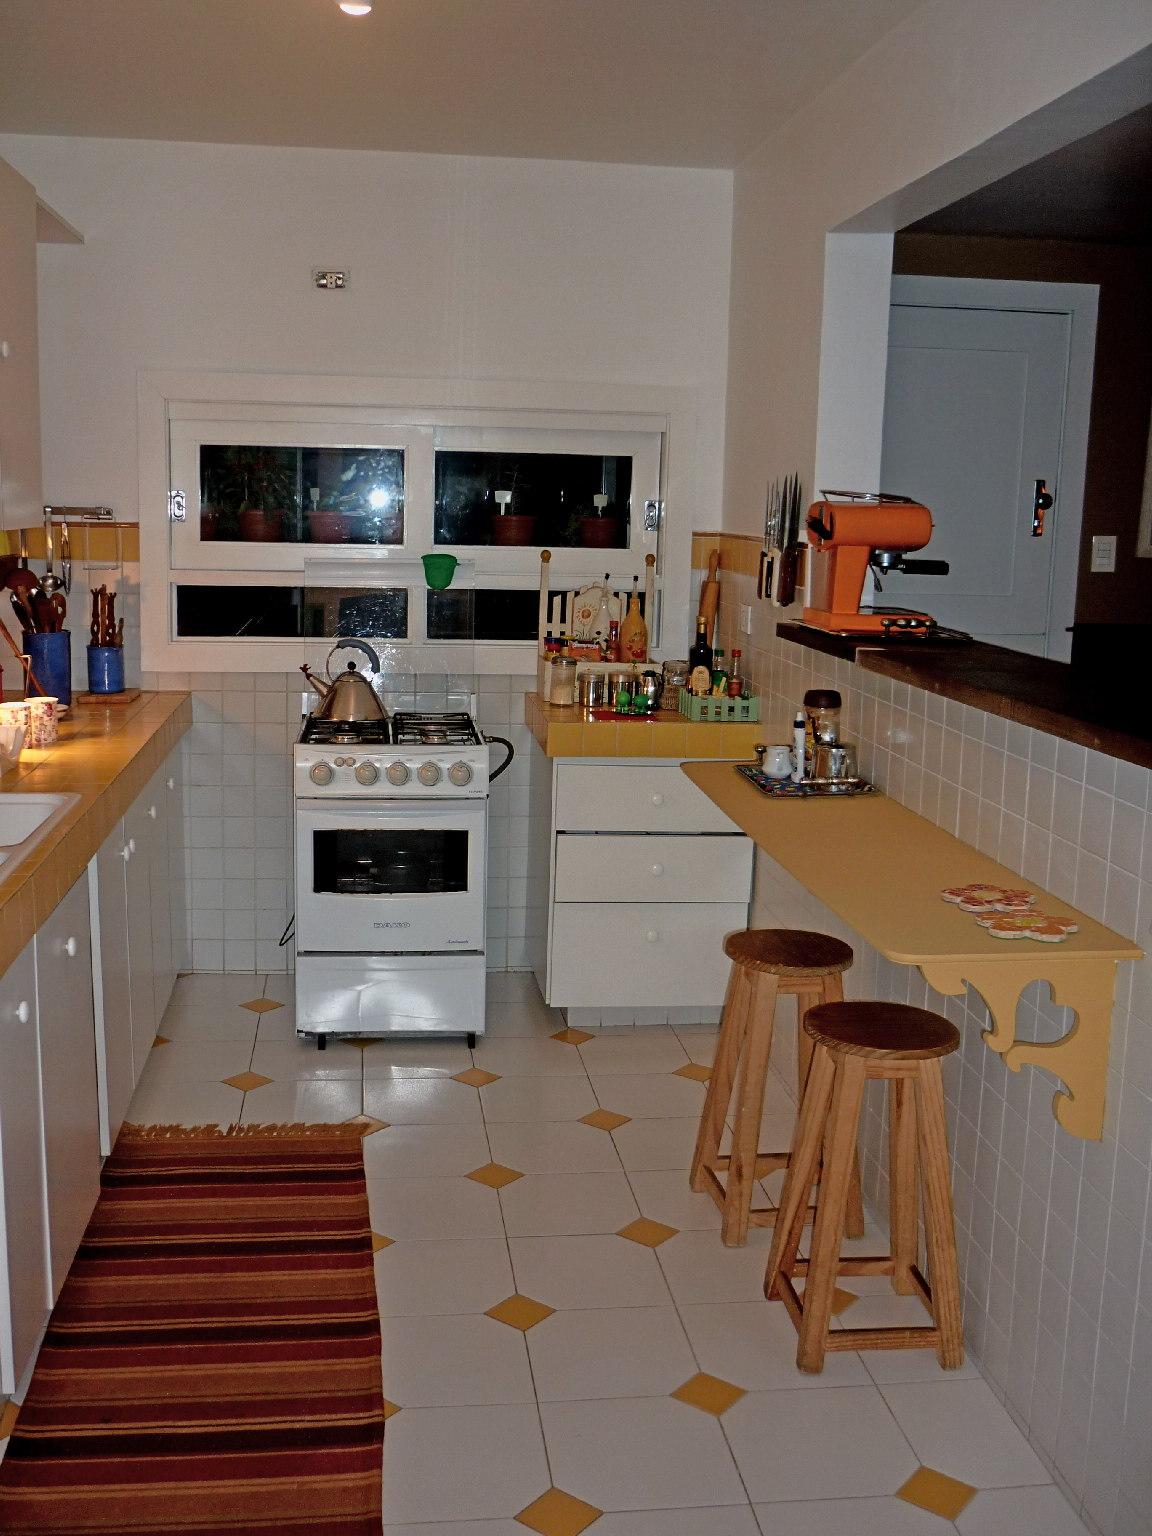 Minha casa & Sua casa: Cozinha pequena vamos nos inspirar e decorar  #9F662C 1152 1536